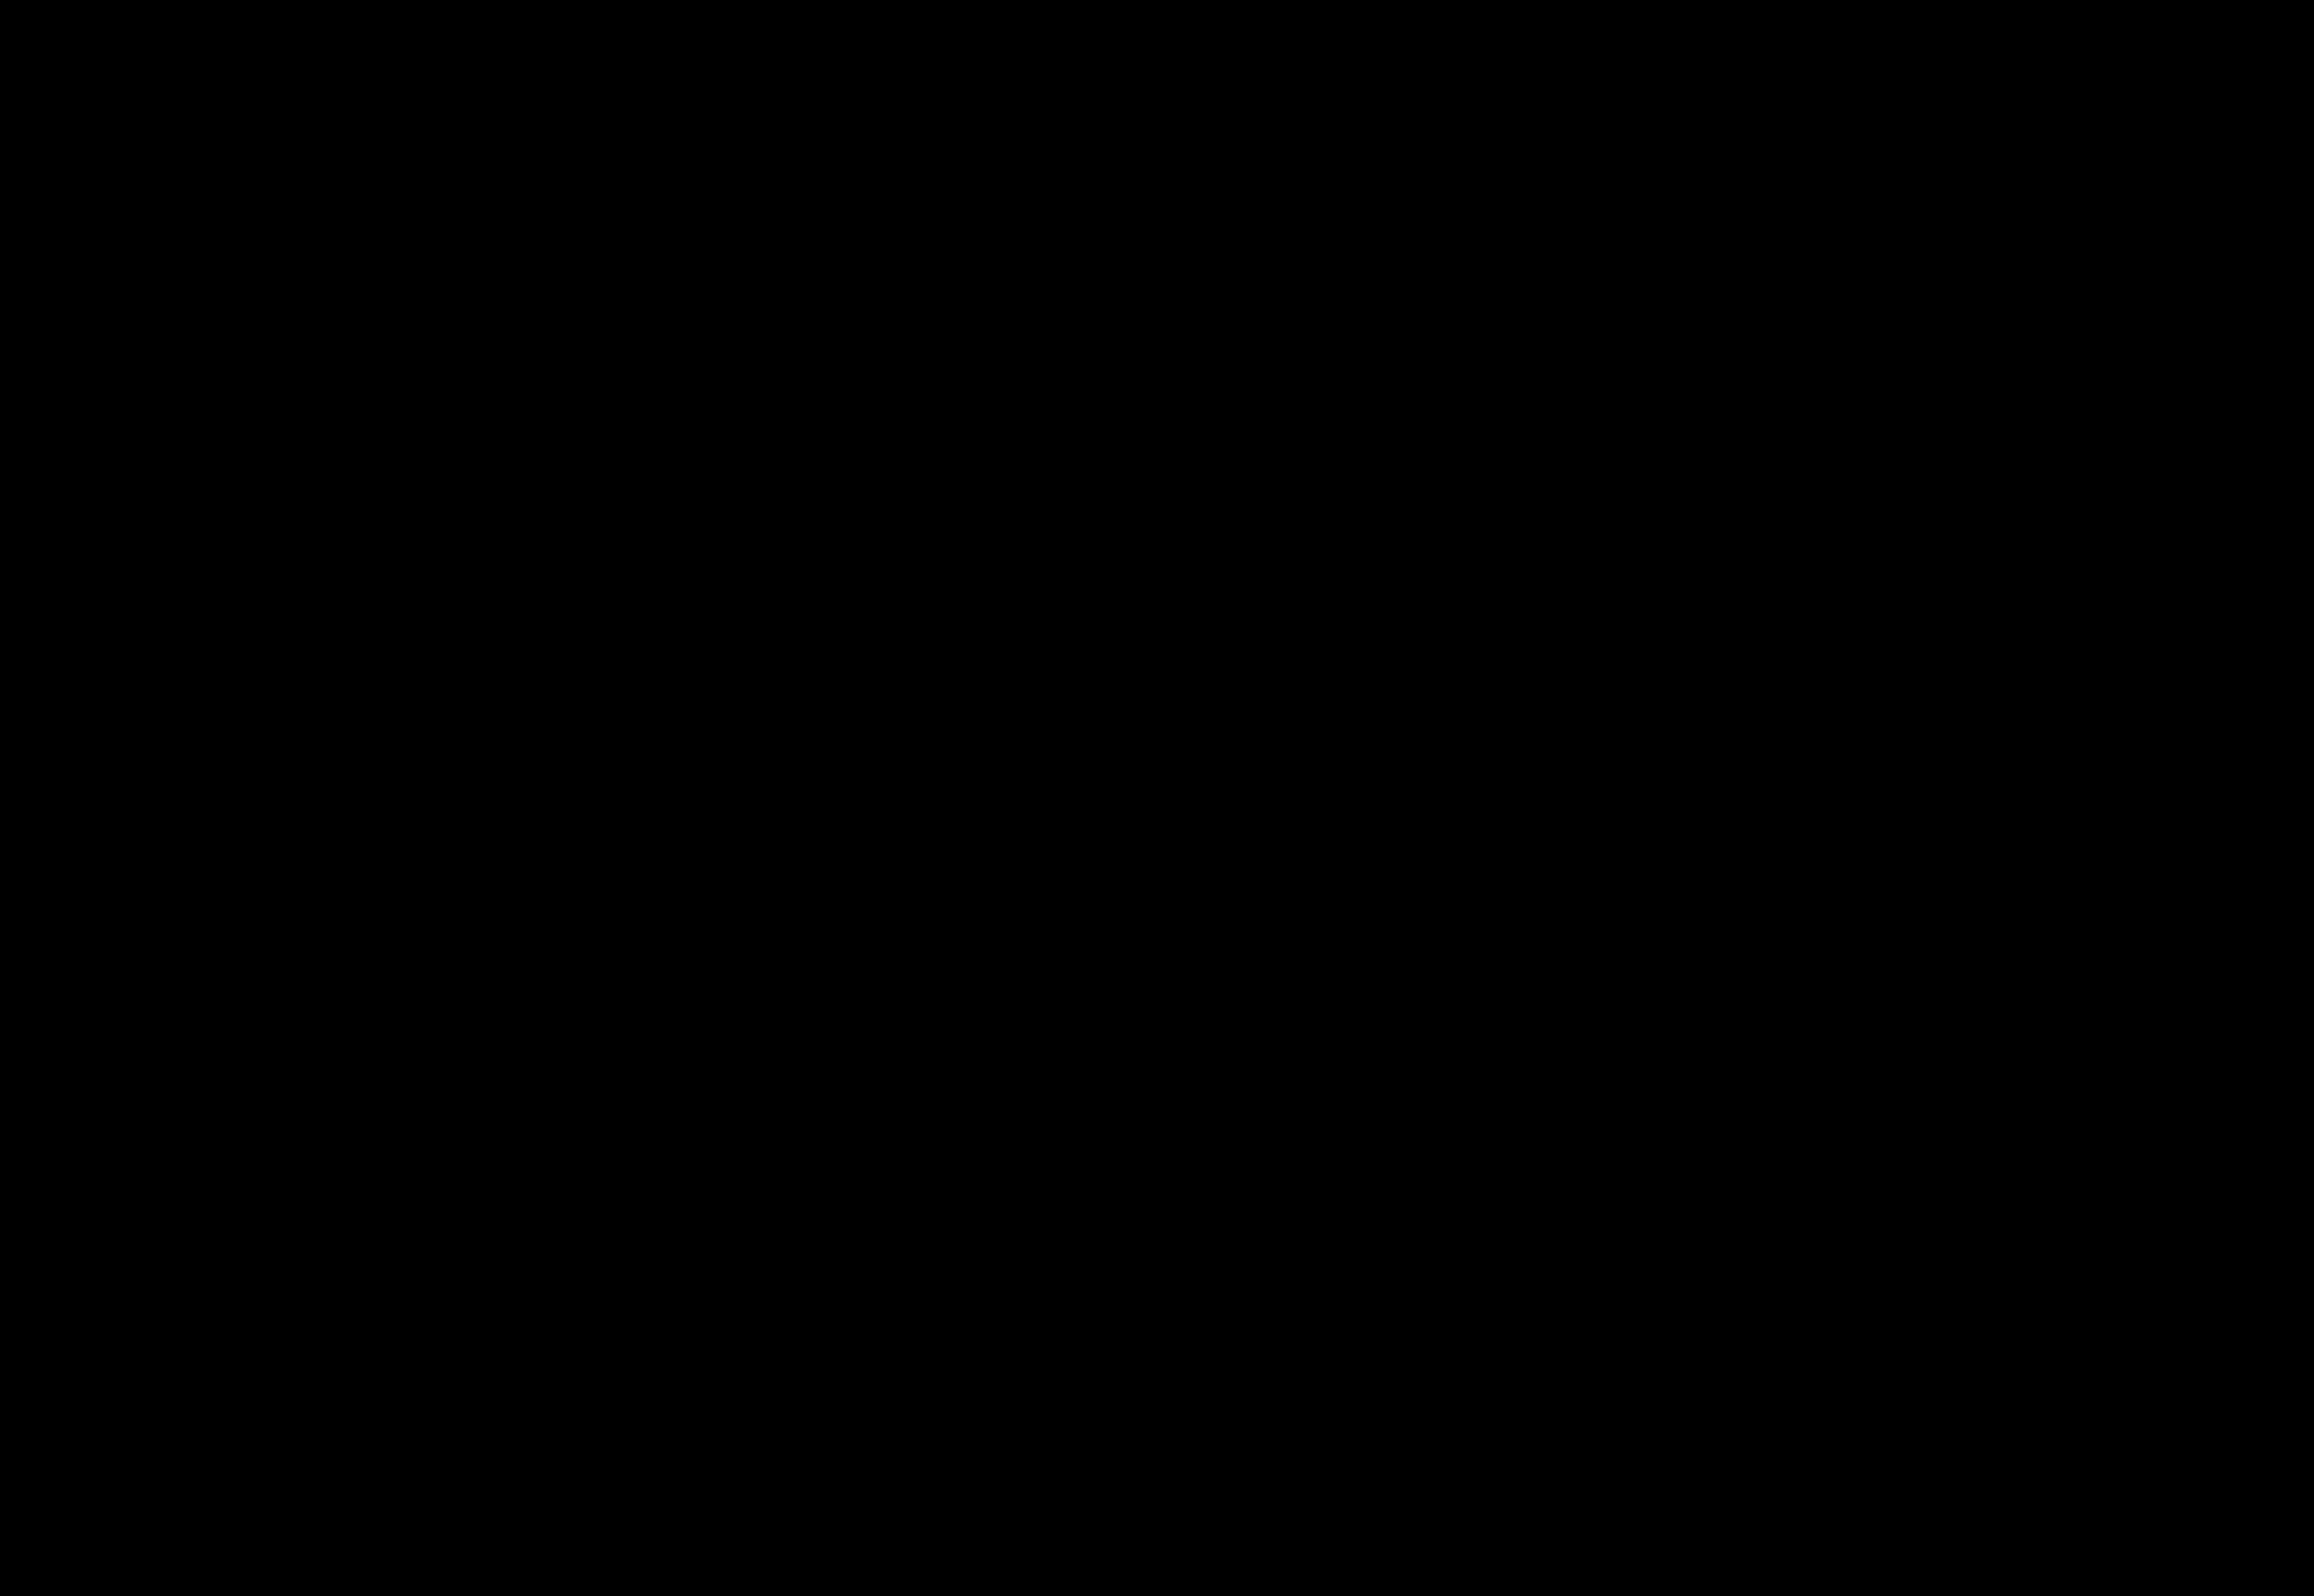 quebec_sw quebec south west map jpg format